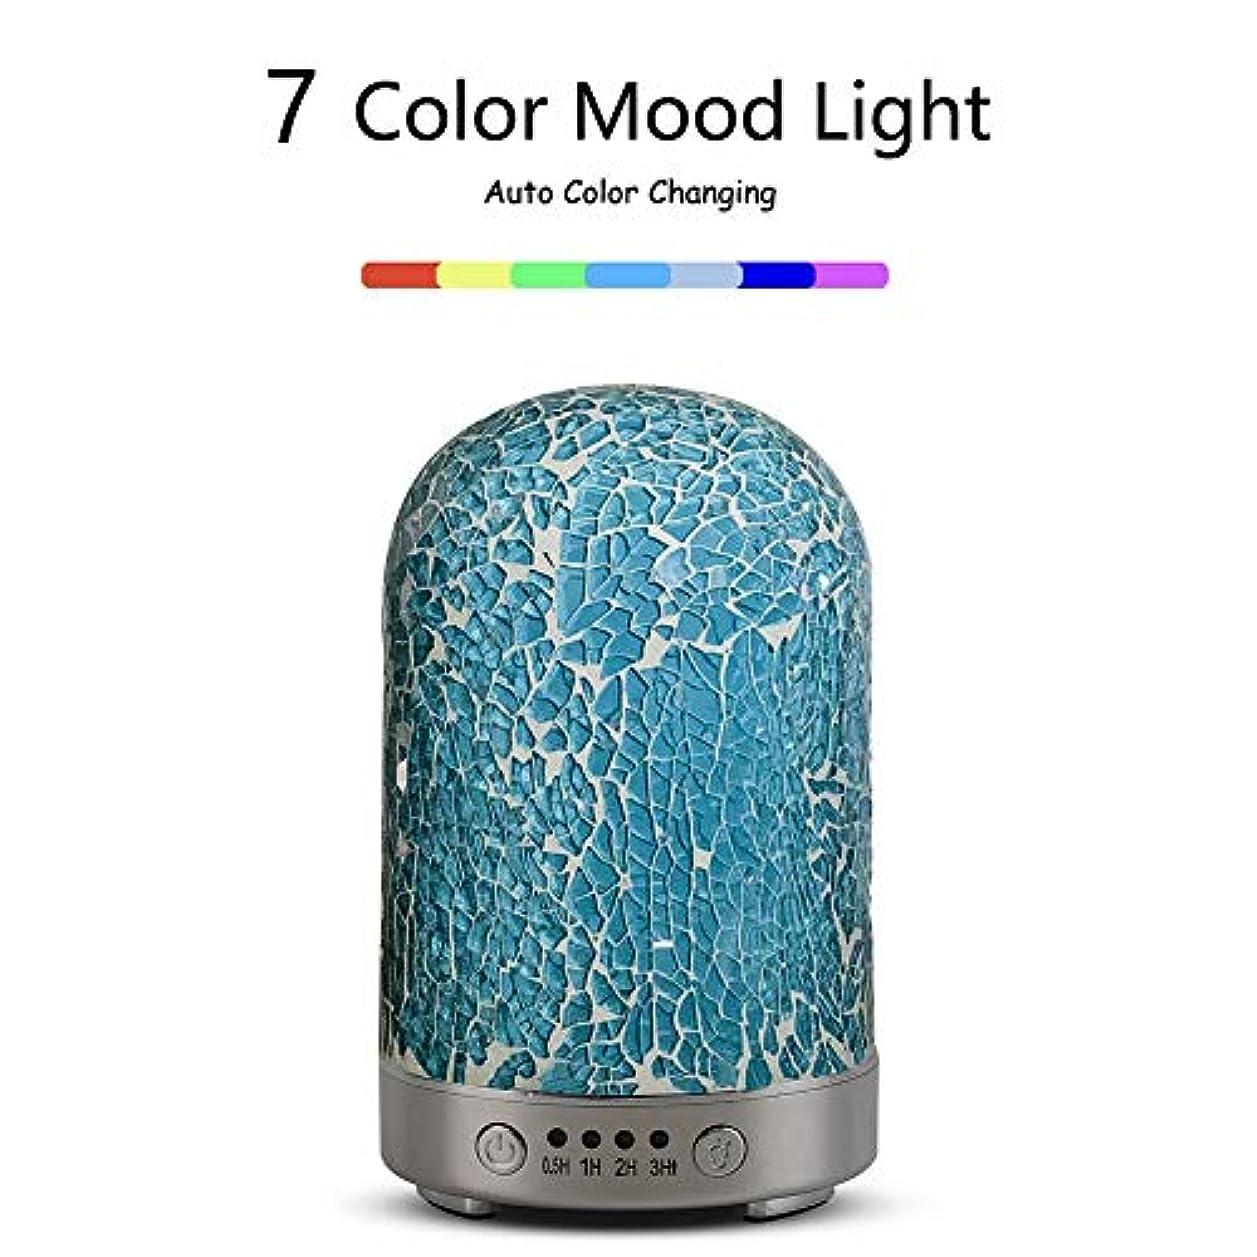 しないバイオリニストドックアロマセラピーエッセンシャルオイルディフューザーアロマ加湿器10 mlクラックモザイクガラスシェル7色LEDライトミュート自動ライト変更